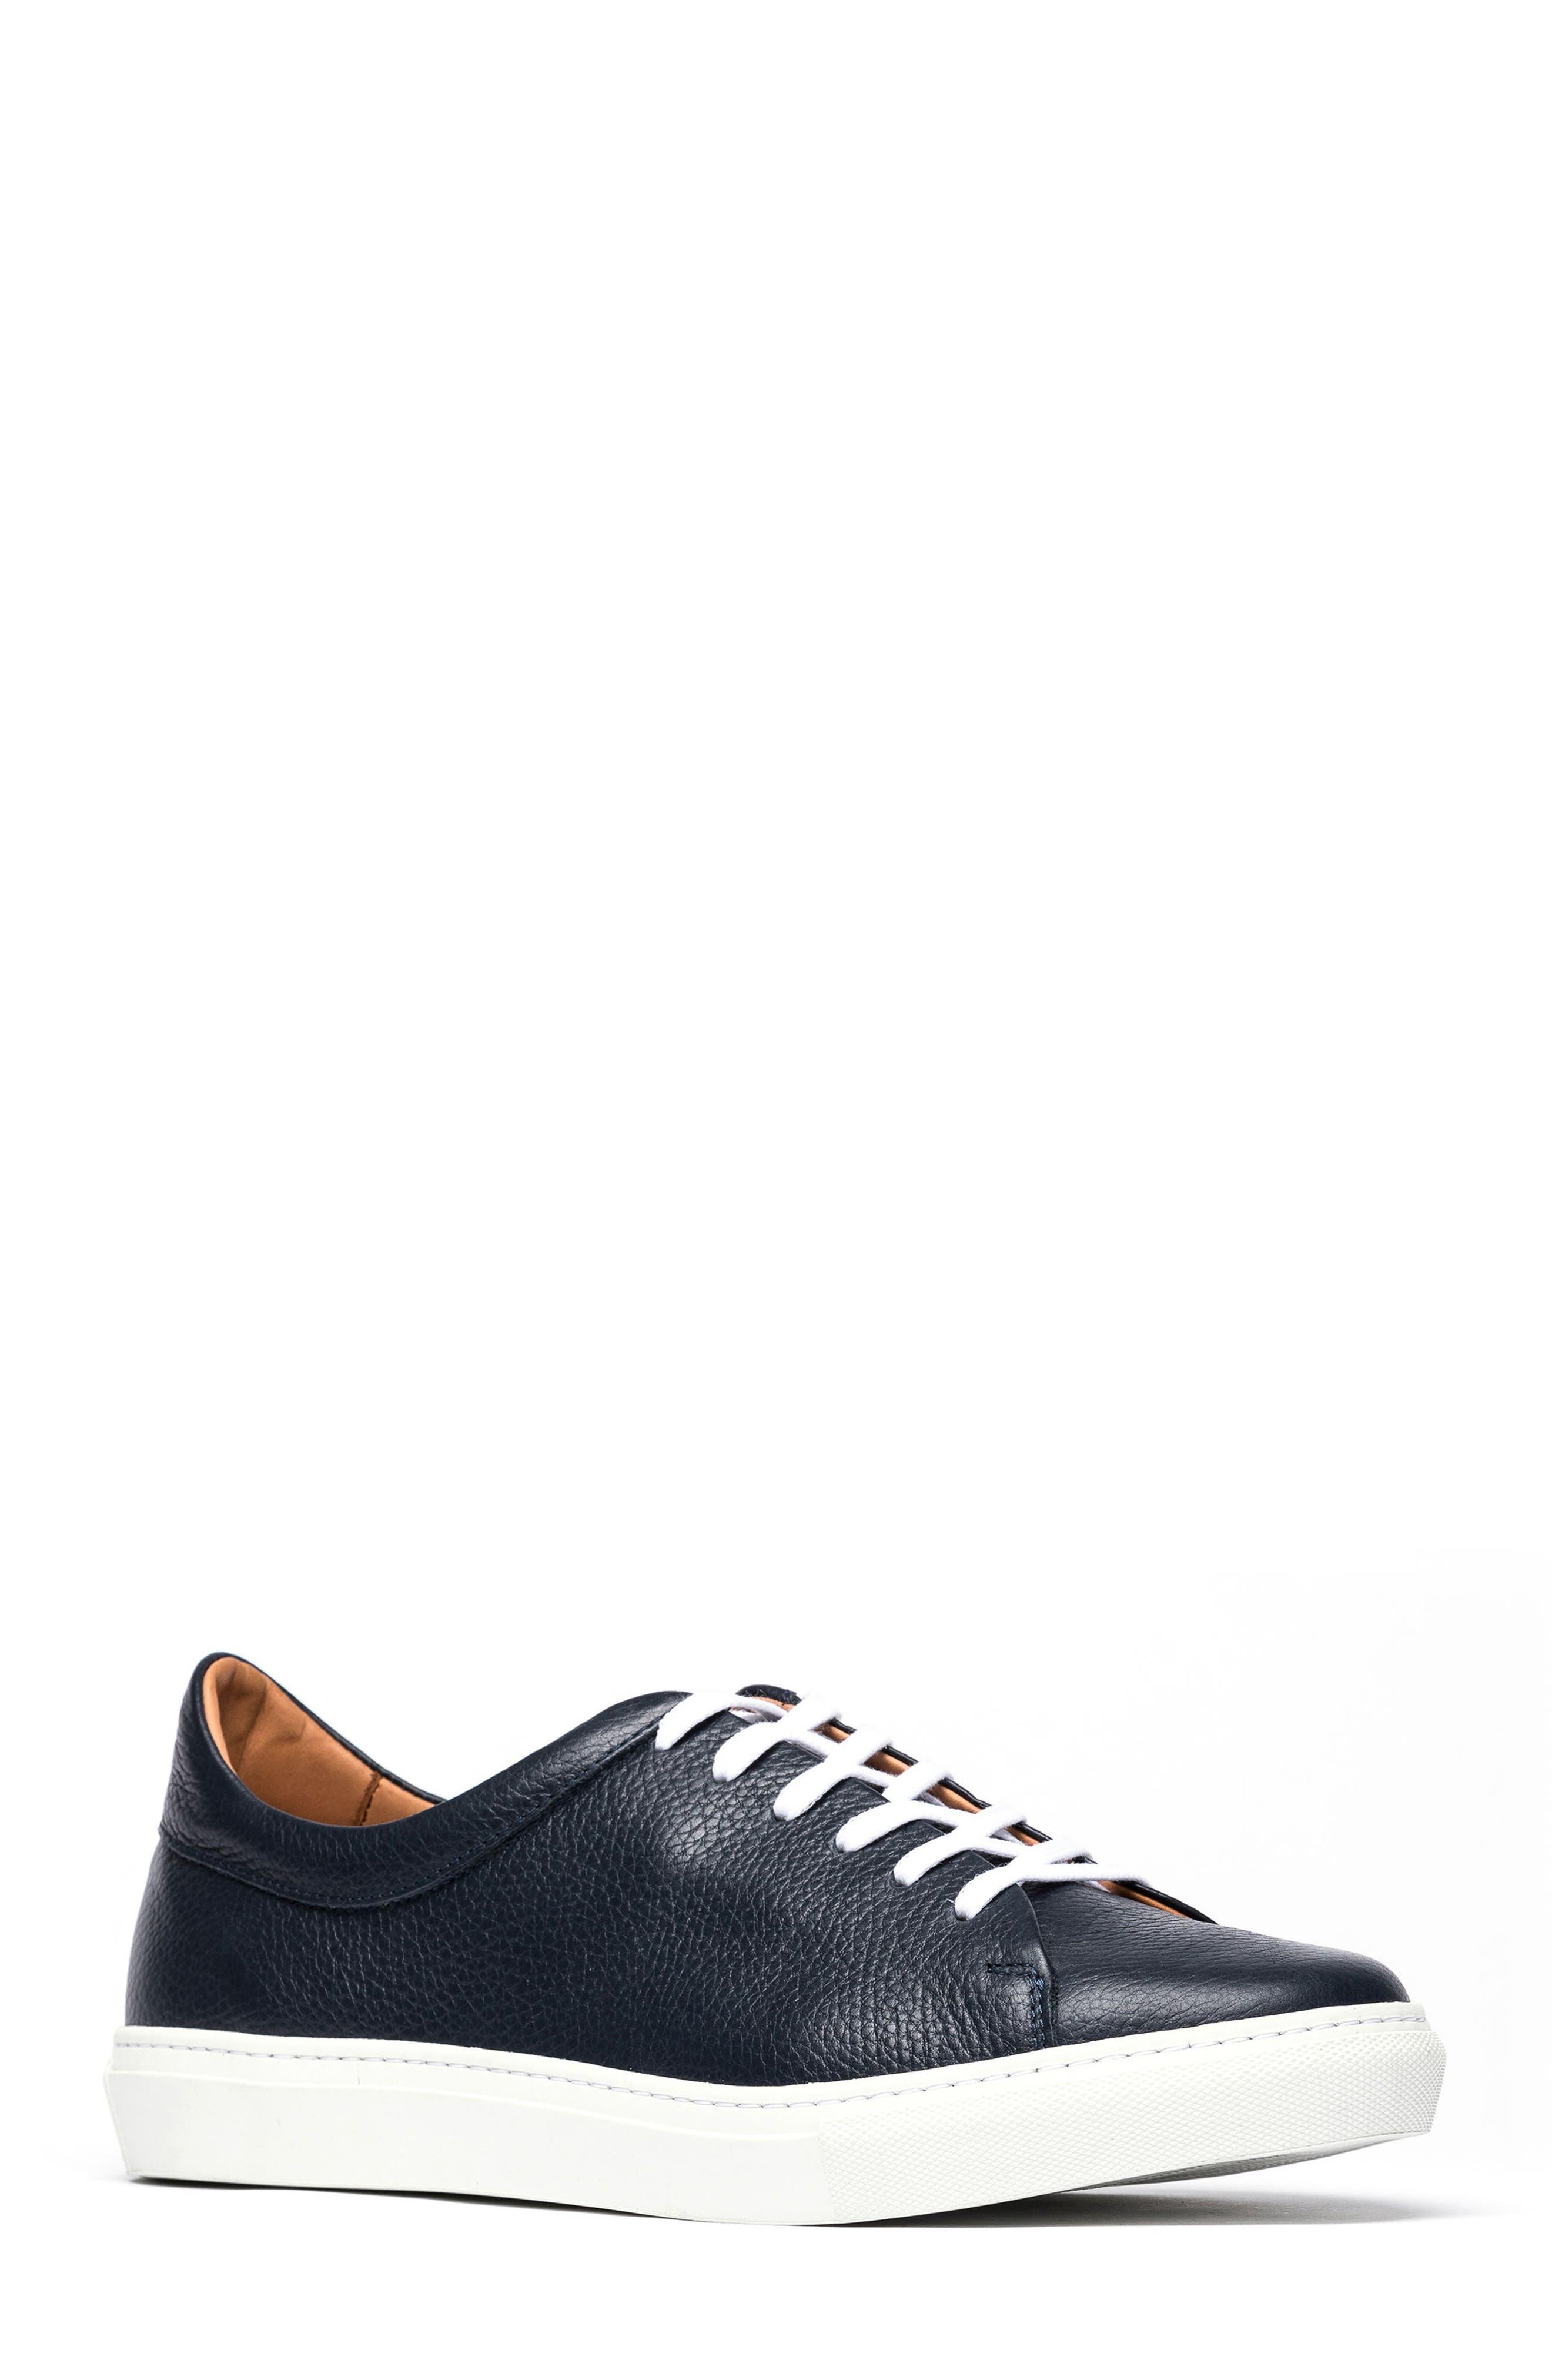 Alternate Image 1 Selected - Rodd & Gunn Windemere Sneaker (Men)